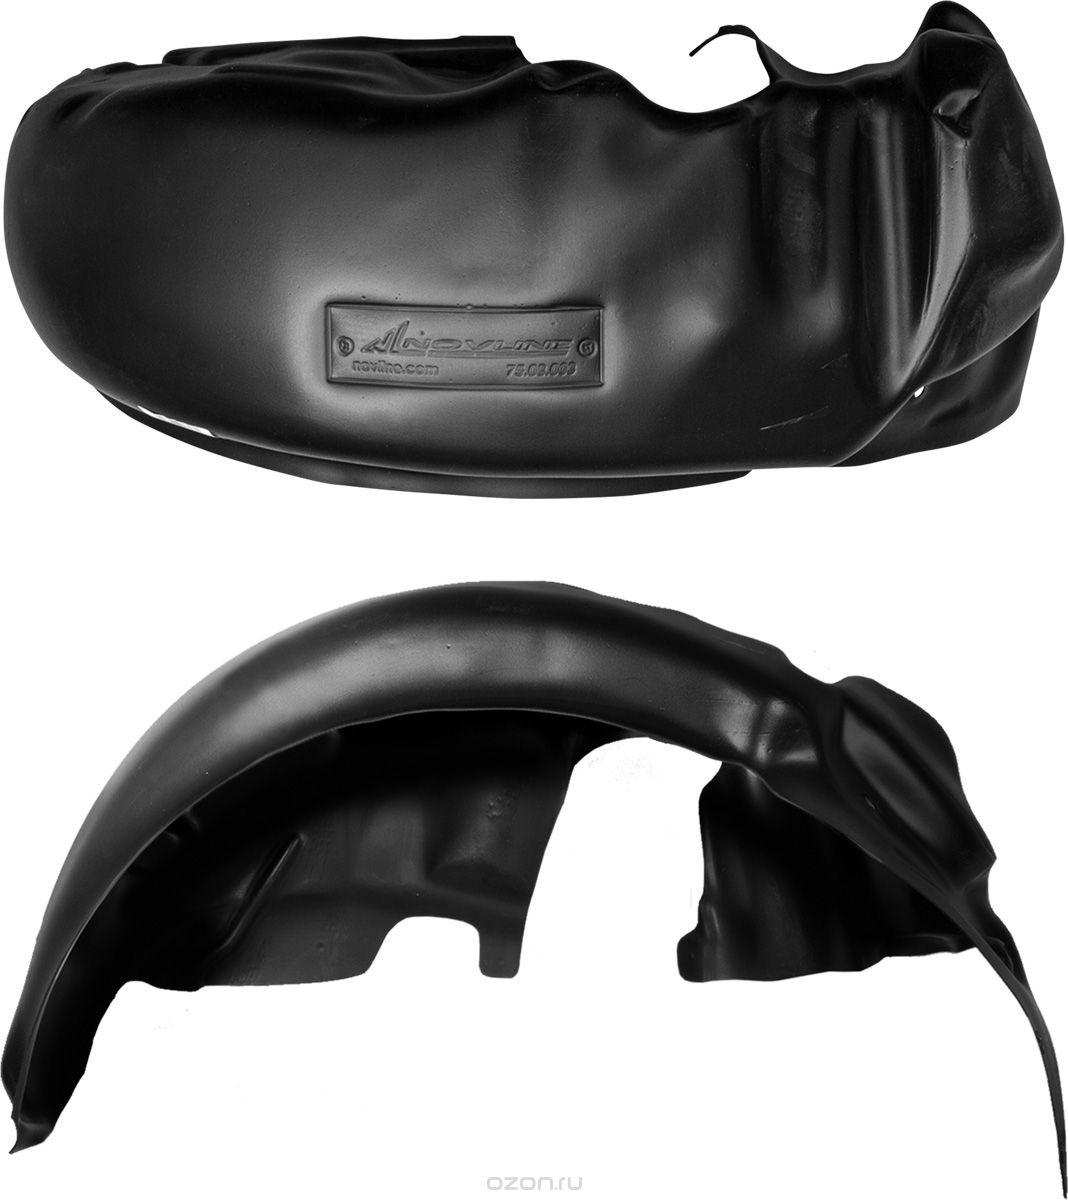 Подкрылок Novline-Autofamily, для ВАЗ 2110 1995-2007 б/б, передний левый000501Идеальная защита колесной ниши. Локеры разработаны с применением цифровых технологий, гарантируют максимальную повторяемость поверхности арки. Изделия устанавливаются без нарушения лакокрасочного покрытия автомобиля, каждый подкрылок комплектуется крепежом. Уважаемые клиенты, обращаем ваше внимание, что фотографии на подкрылки универсальные и не отражают реальную форму изделия. При этом само изделие идет точно под размер указанного автомобиля.